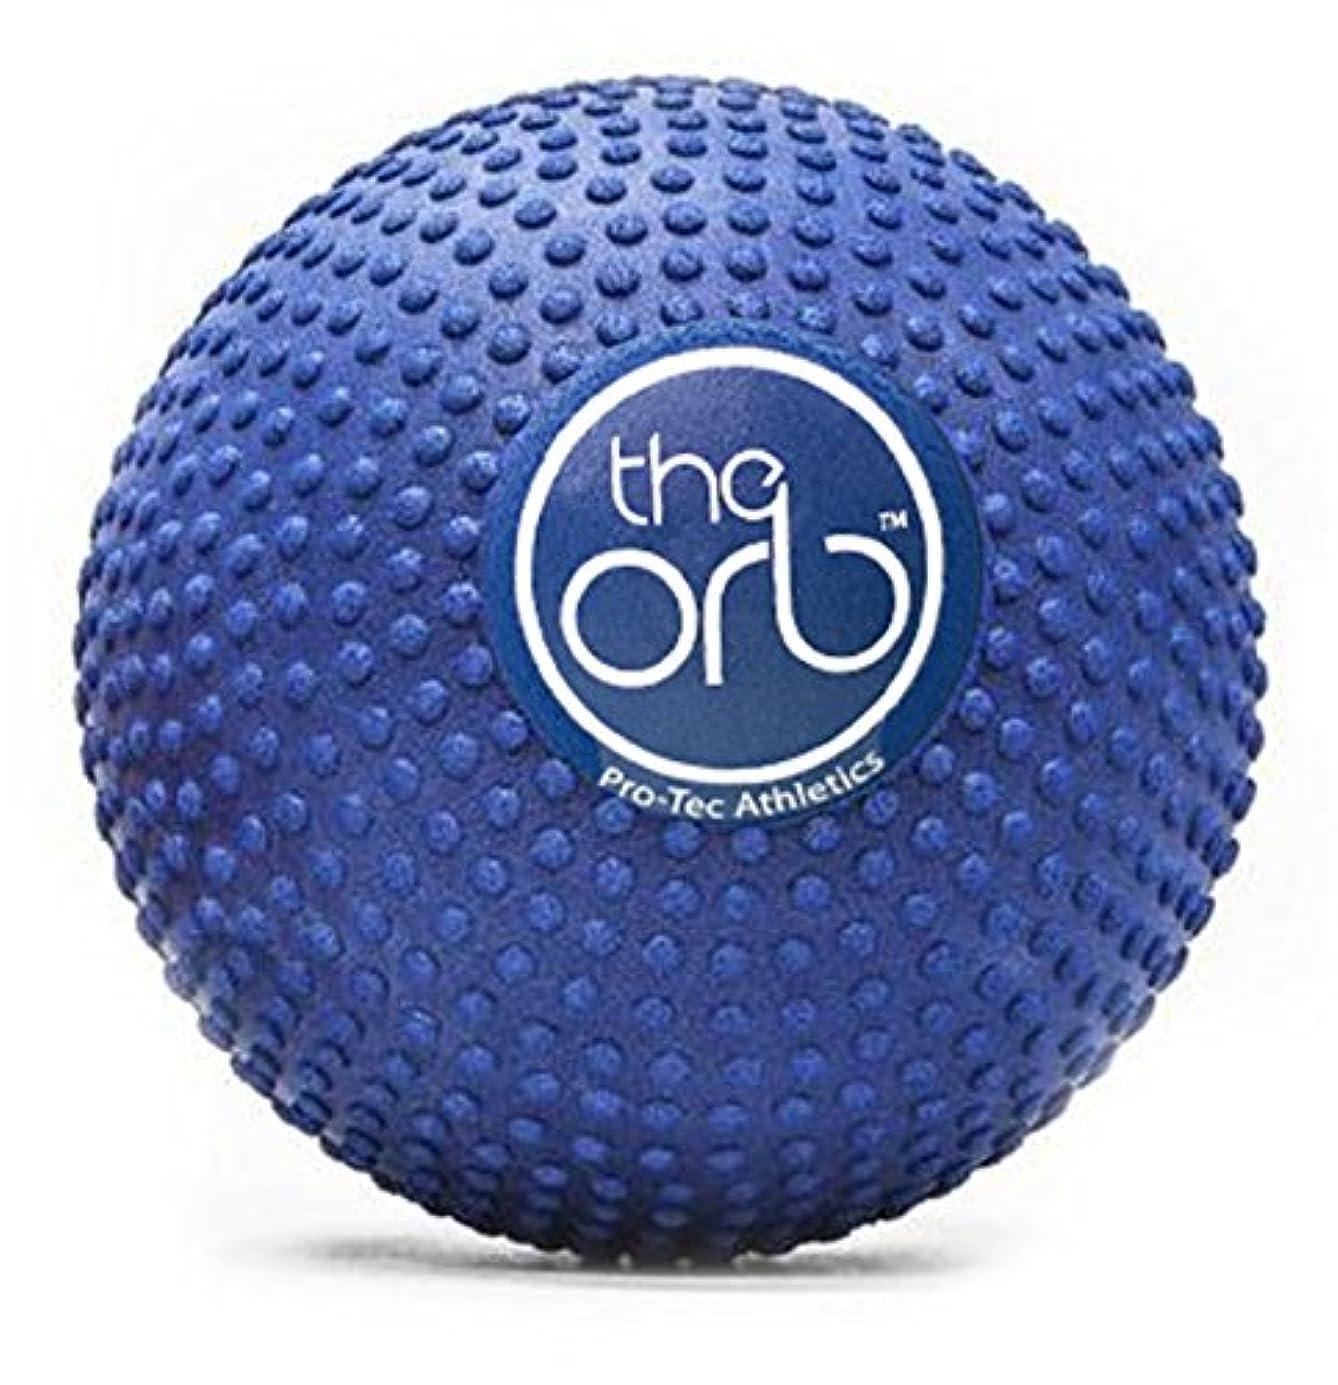 薄める合意ラフトPro-Tec Athletics(プロテックアスレチックス) The Orb 5